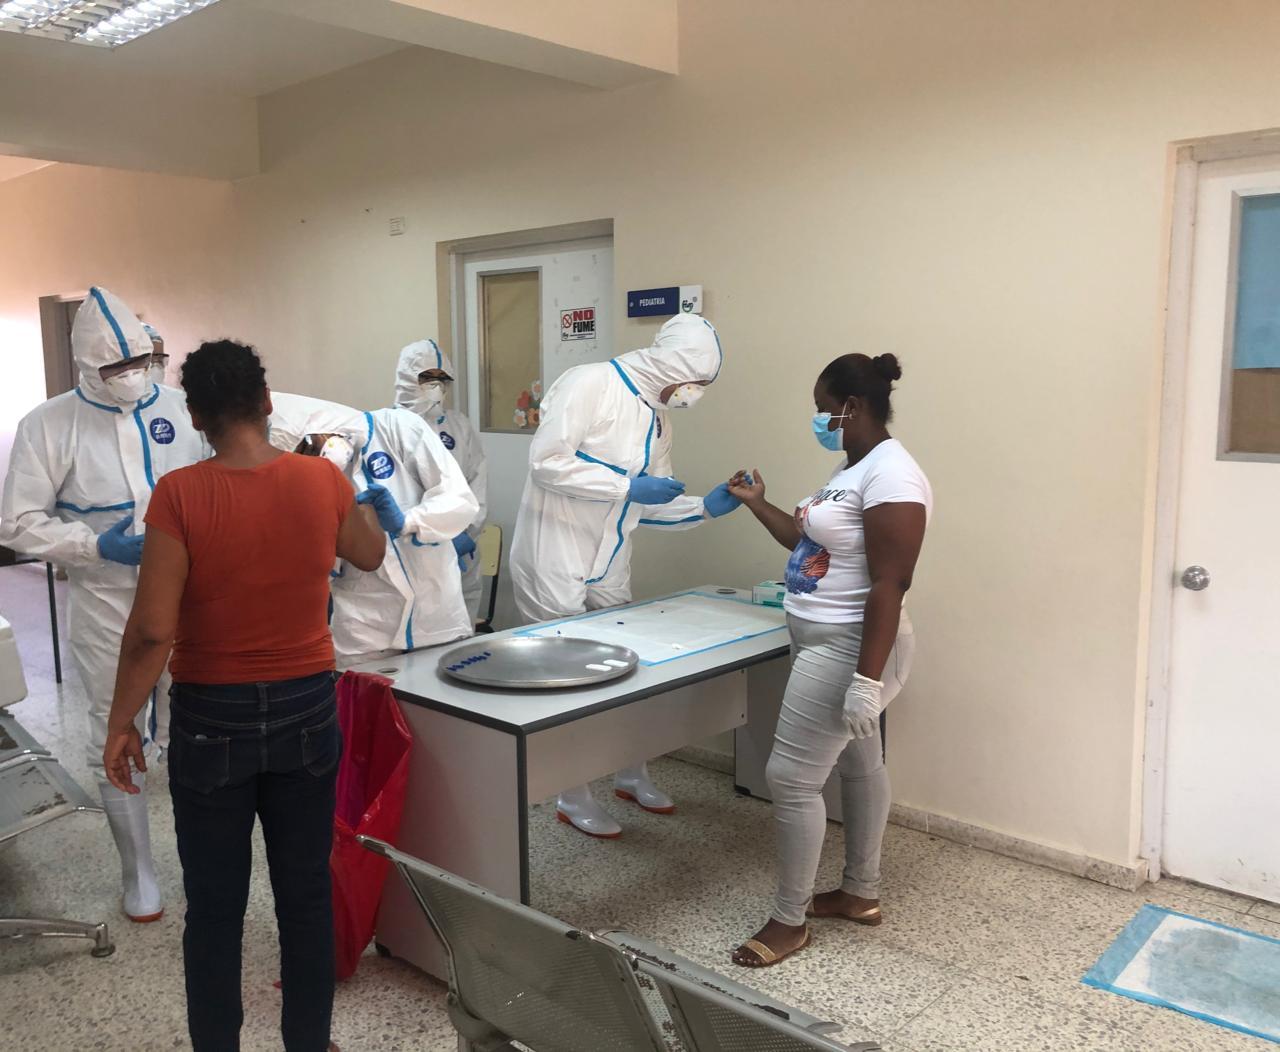 Gobierno procesa muestras de pruebas COVID en laboratorios de universidades